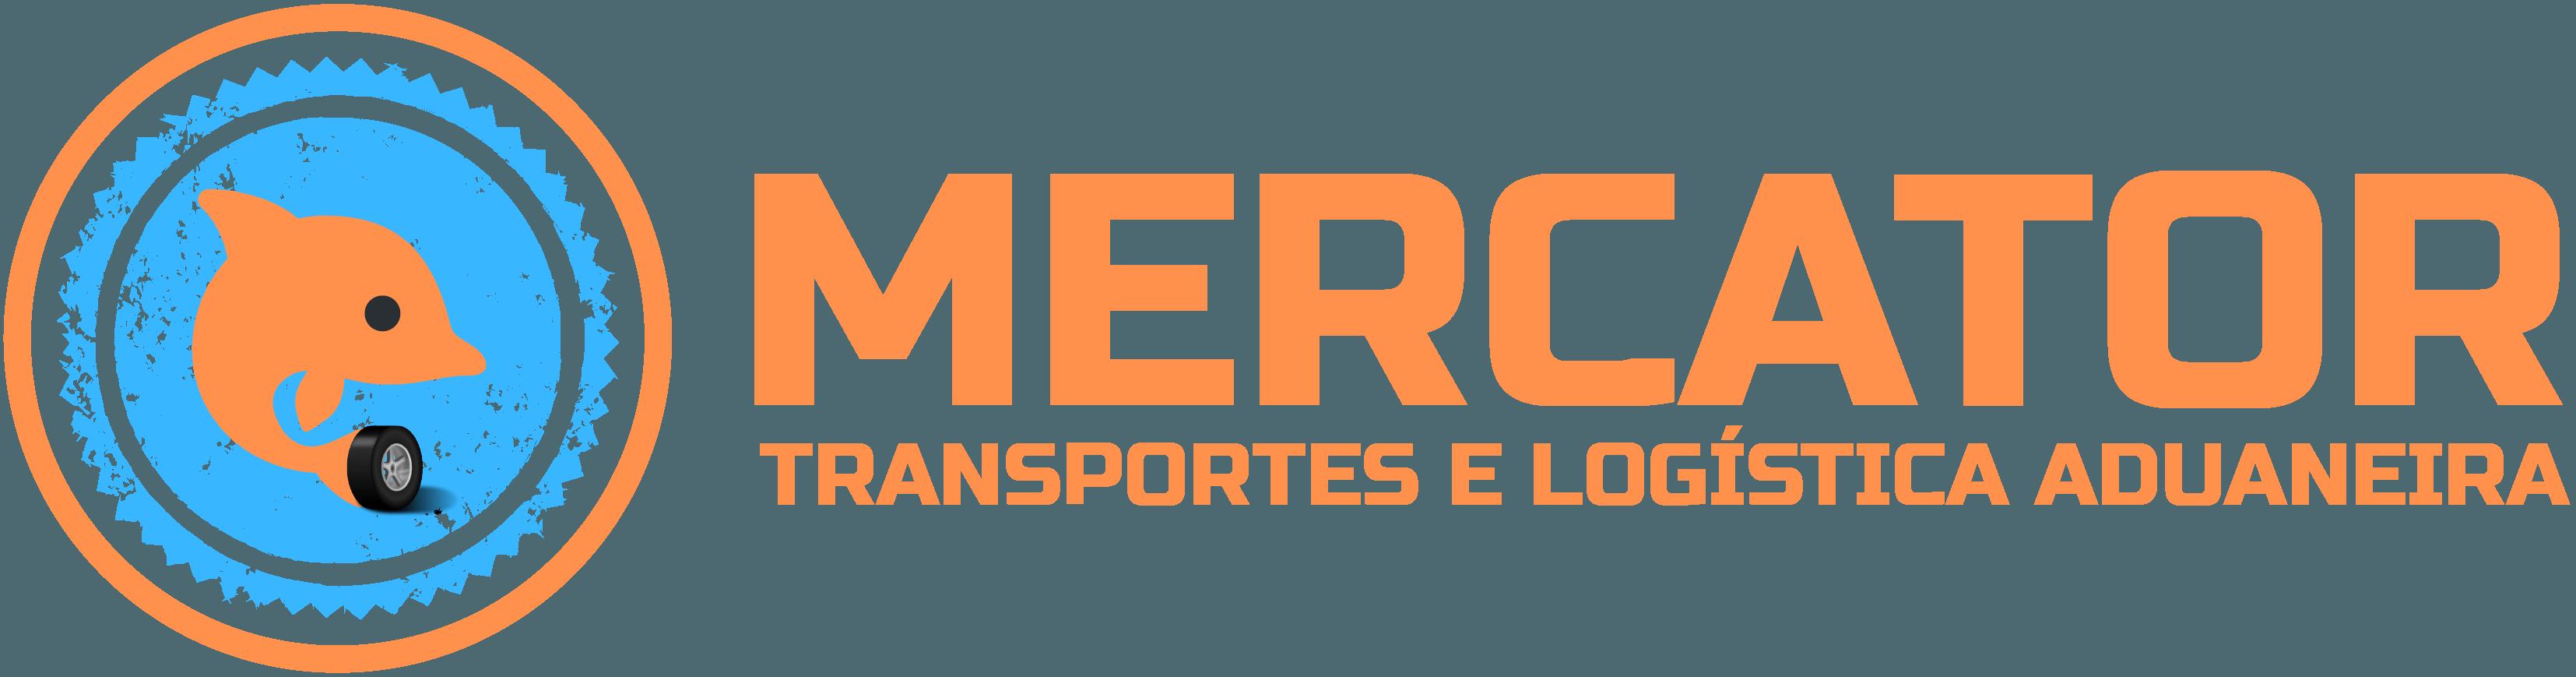 Mercator Online